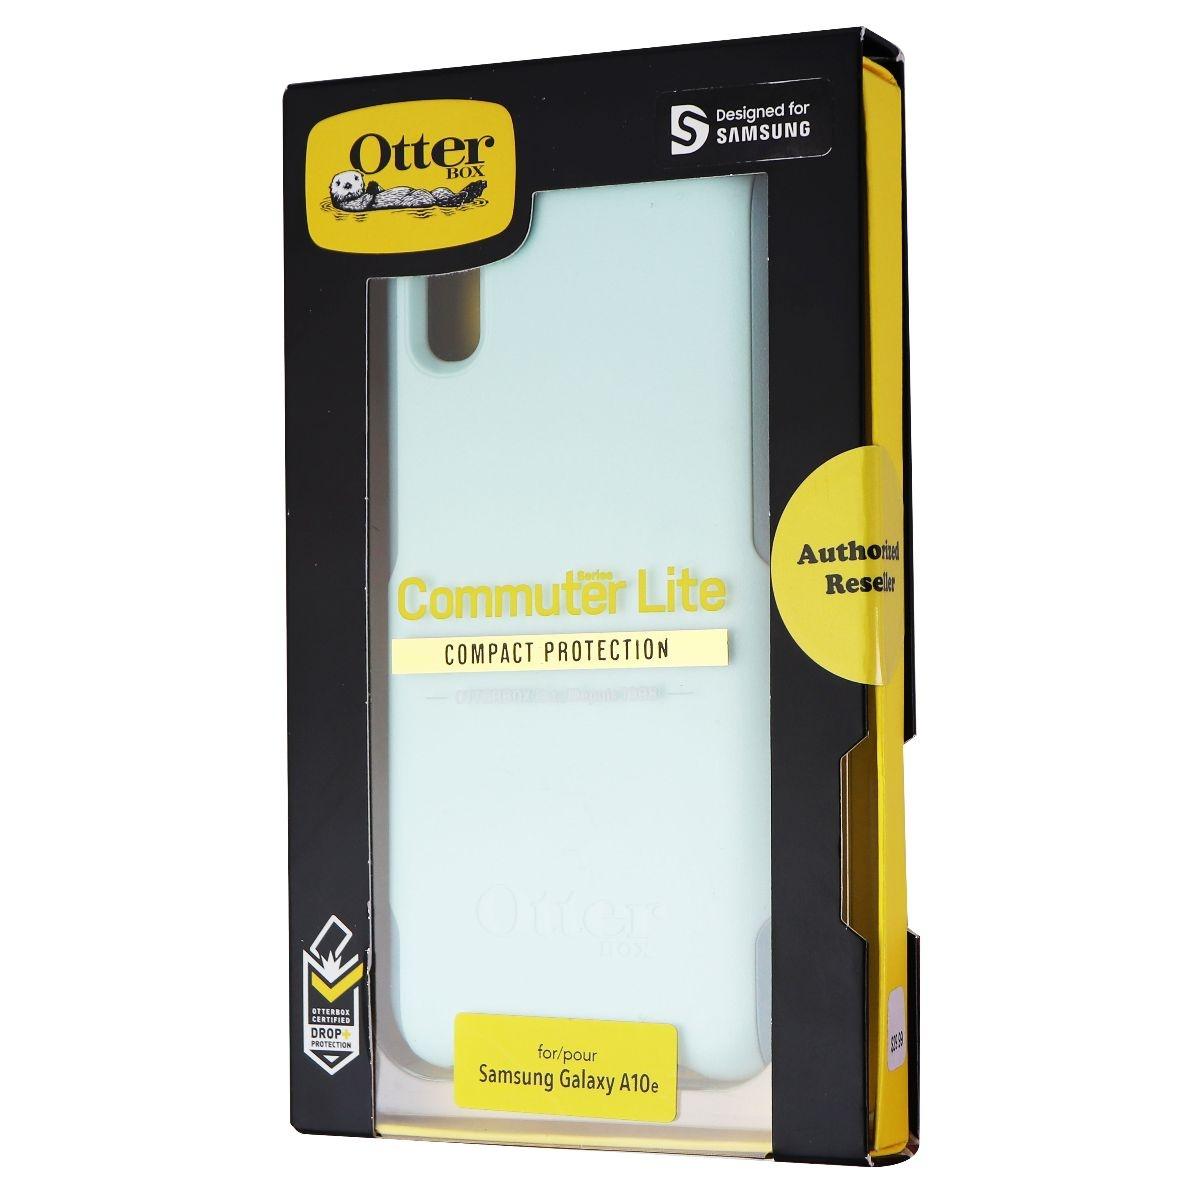 OtterBox Commuter Lite Case for Samsung Galaxy A10e - Ocean Way Light Blue